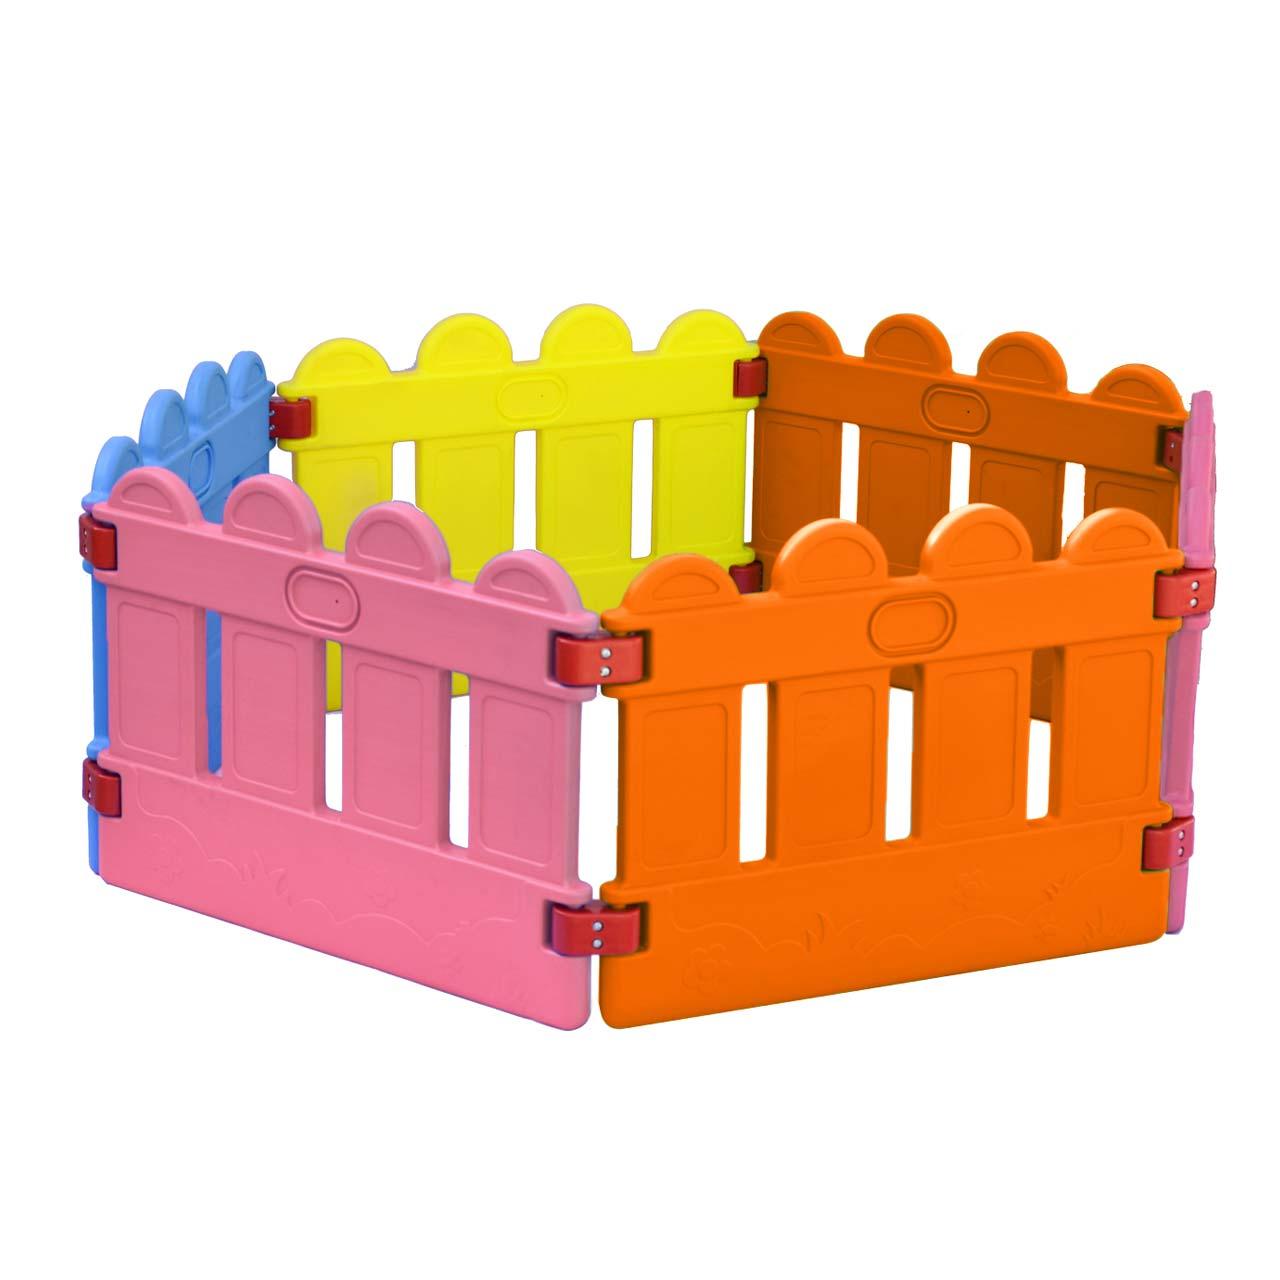 پارک بازی کودک طرح نرده ای کد 5033-1